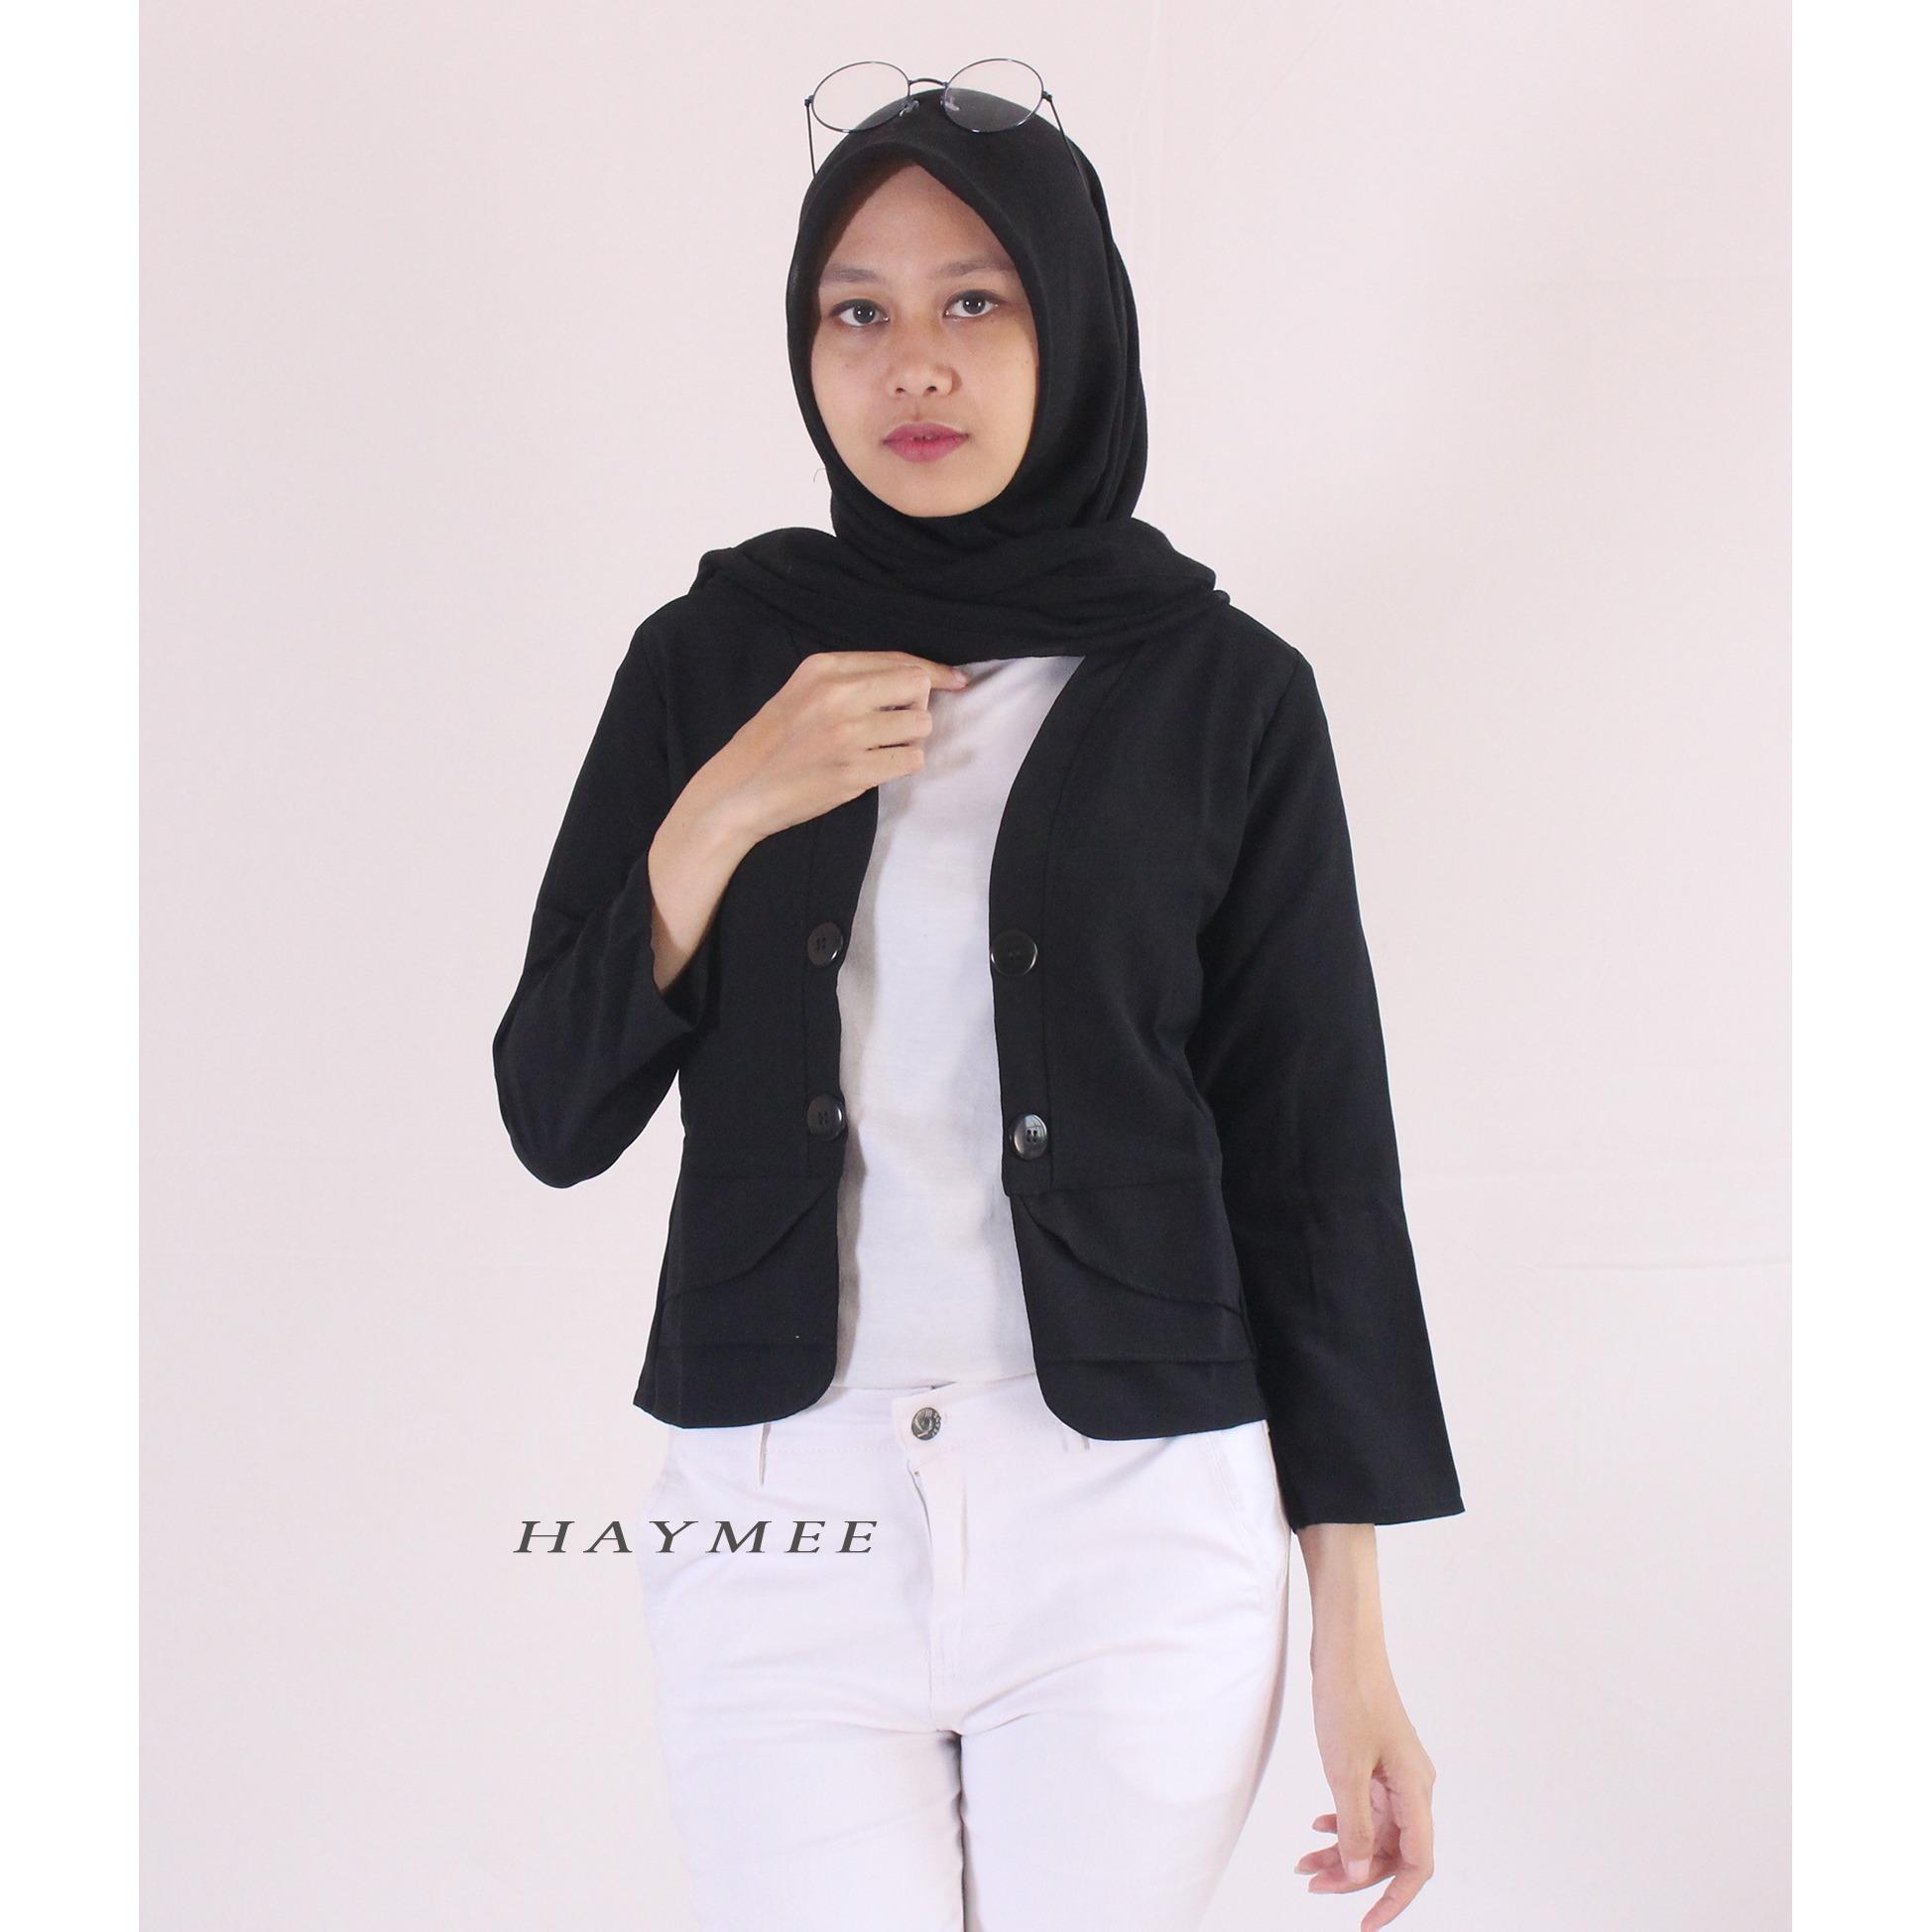 Pencari Harga HaymeeStore Blazer Wanita Outer Cardigan Cewek Pakaian Formal Cewe Jas Kantor Long Slave Premium